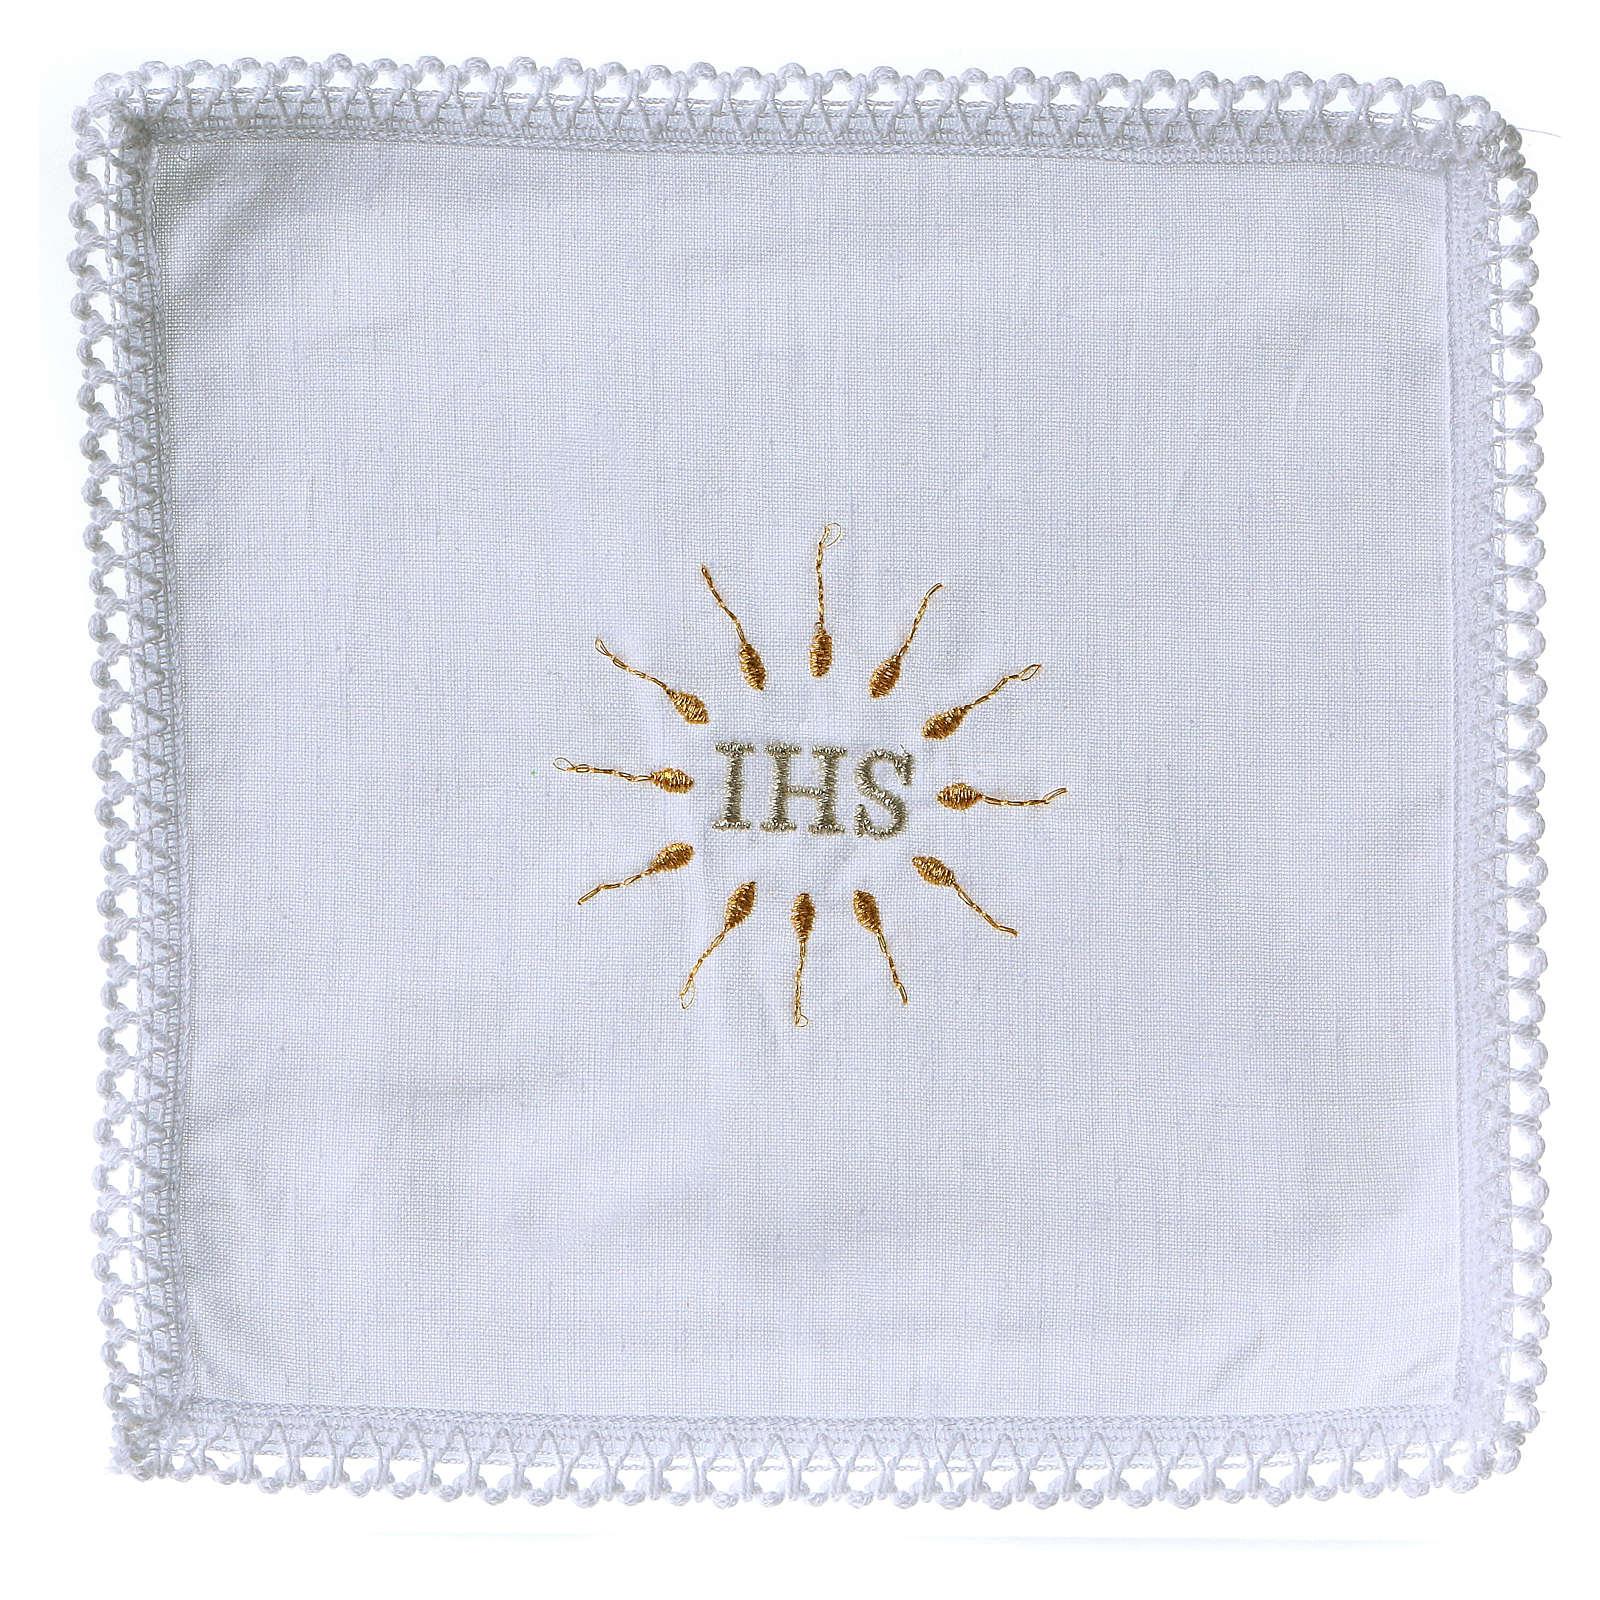 Servicio de misa IHS de puro algodón 4